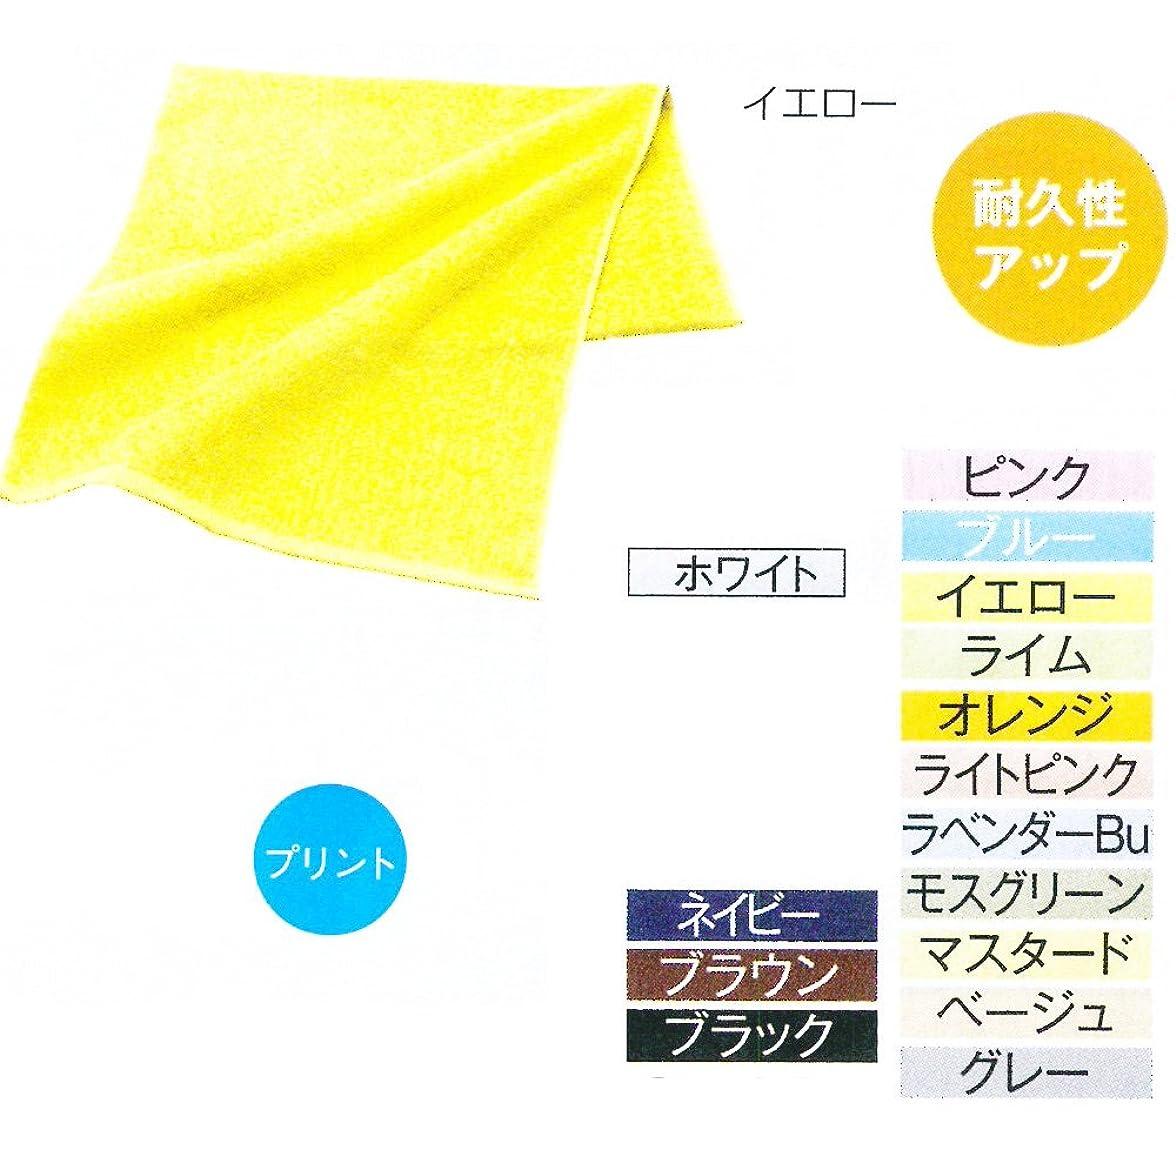 寛解名声コールマルハル220匁Nショートパイルカラー(12枚入) オレンジ